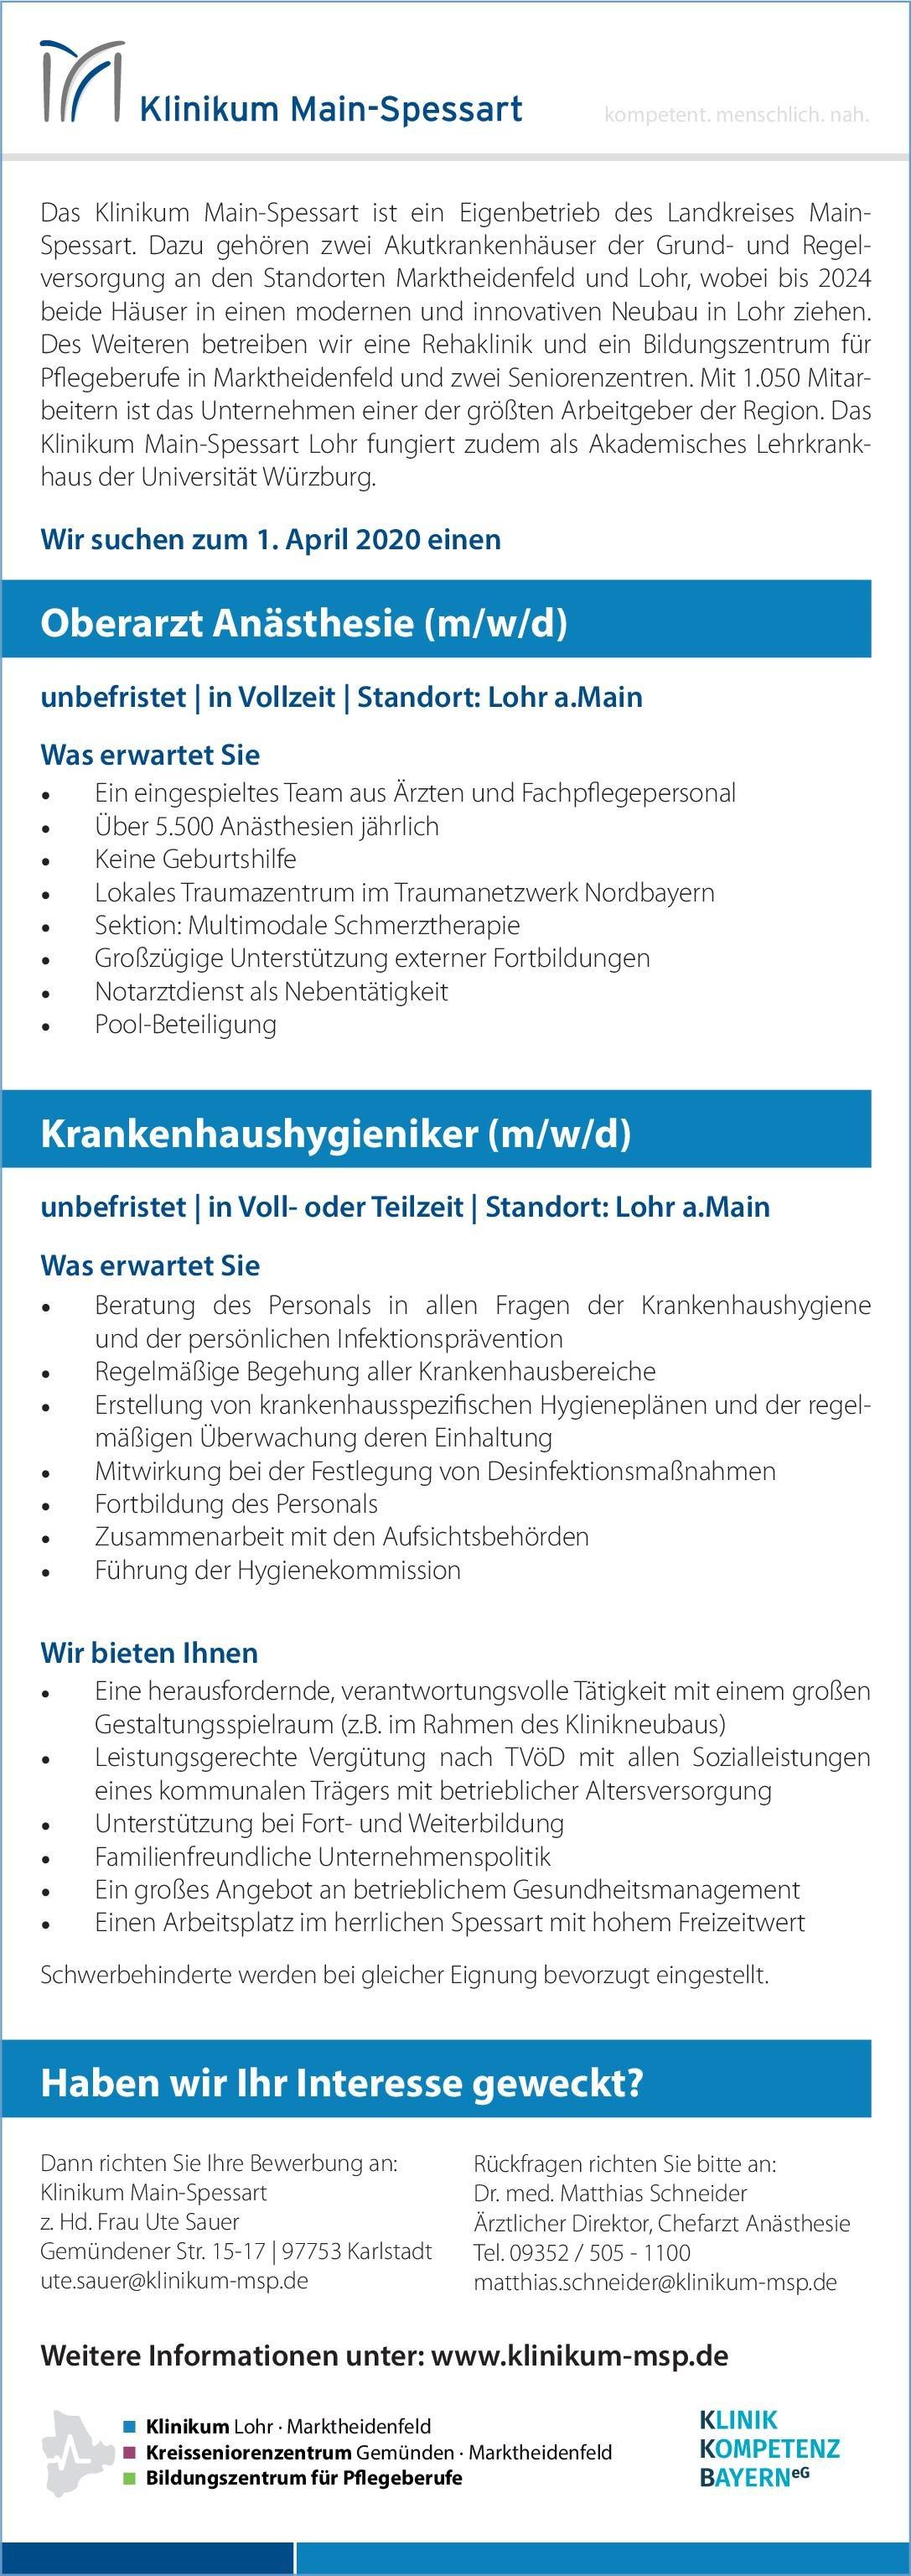 Klinikum Main-Spessart Krankenhaushygieniker (m/w/d) Krankenhaushygiene Arzt / Facharzt